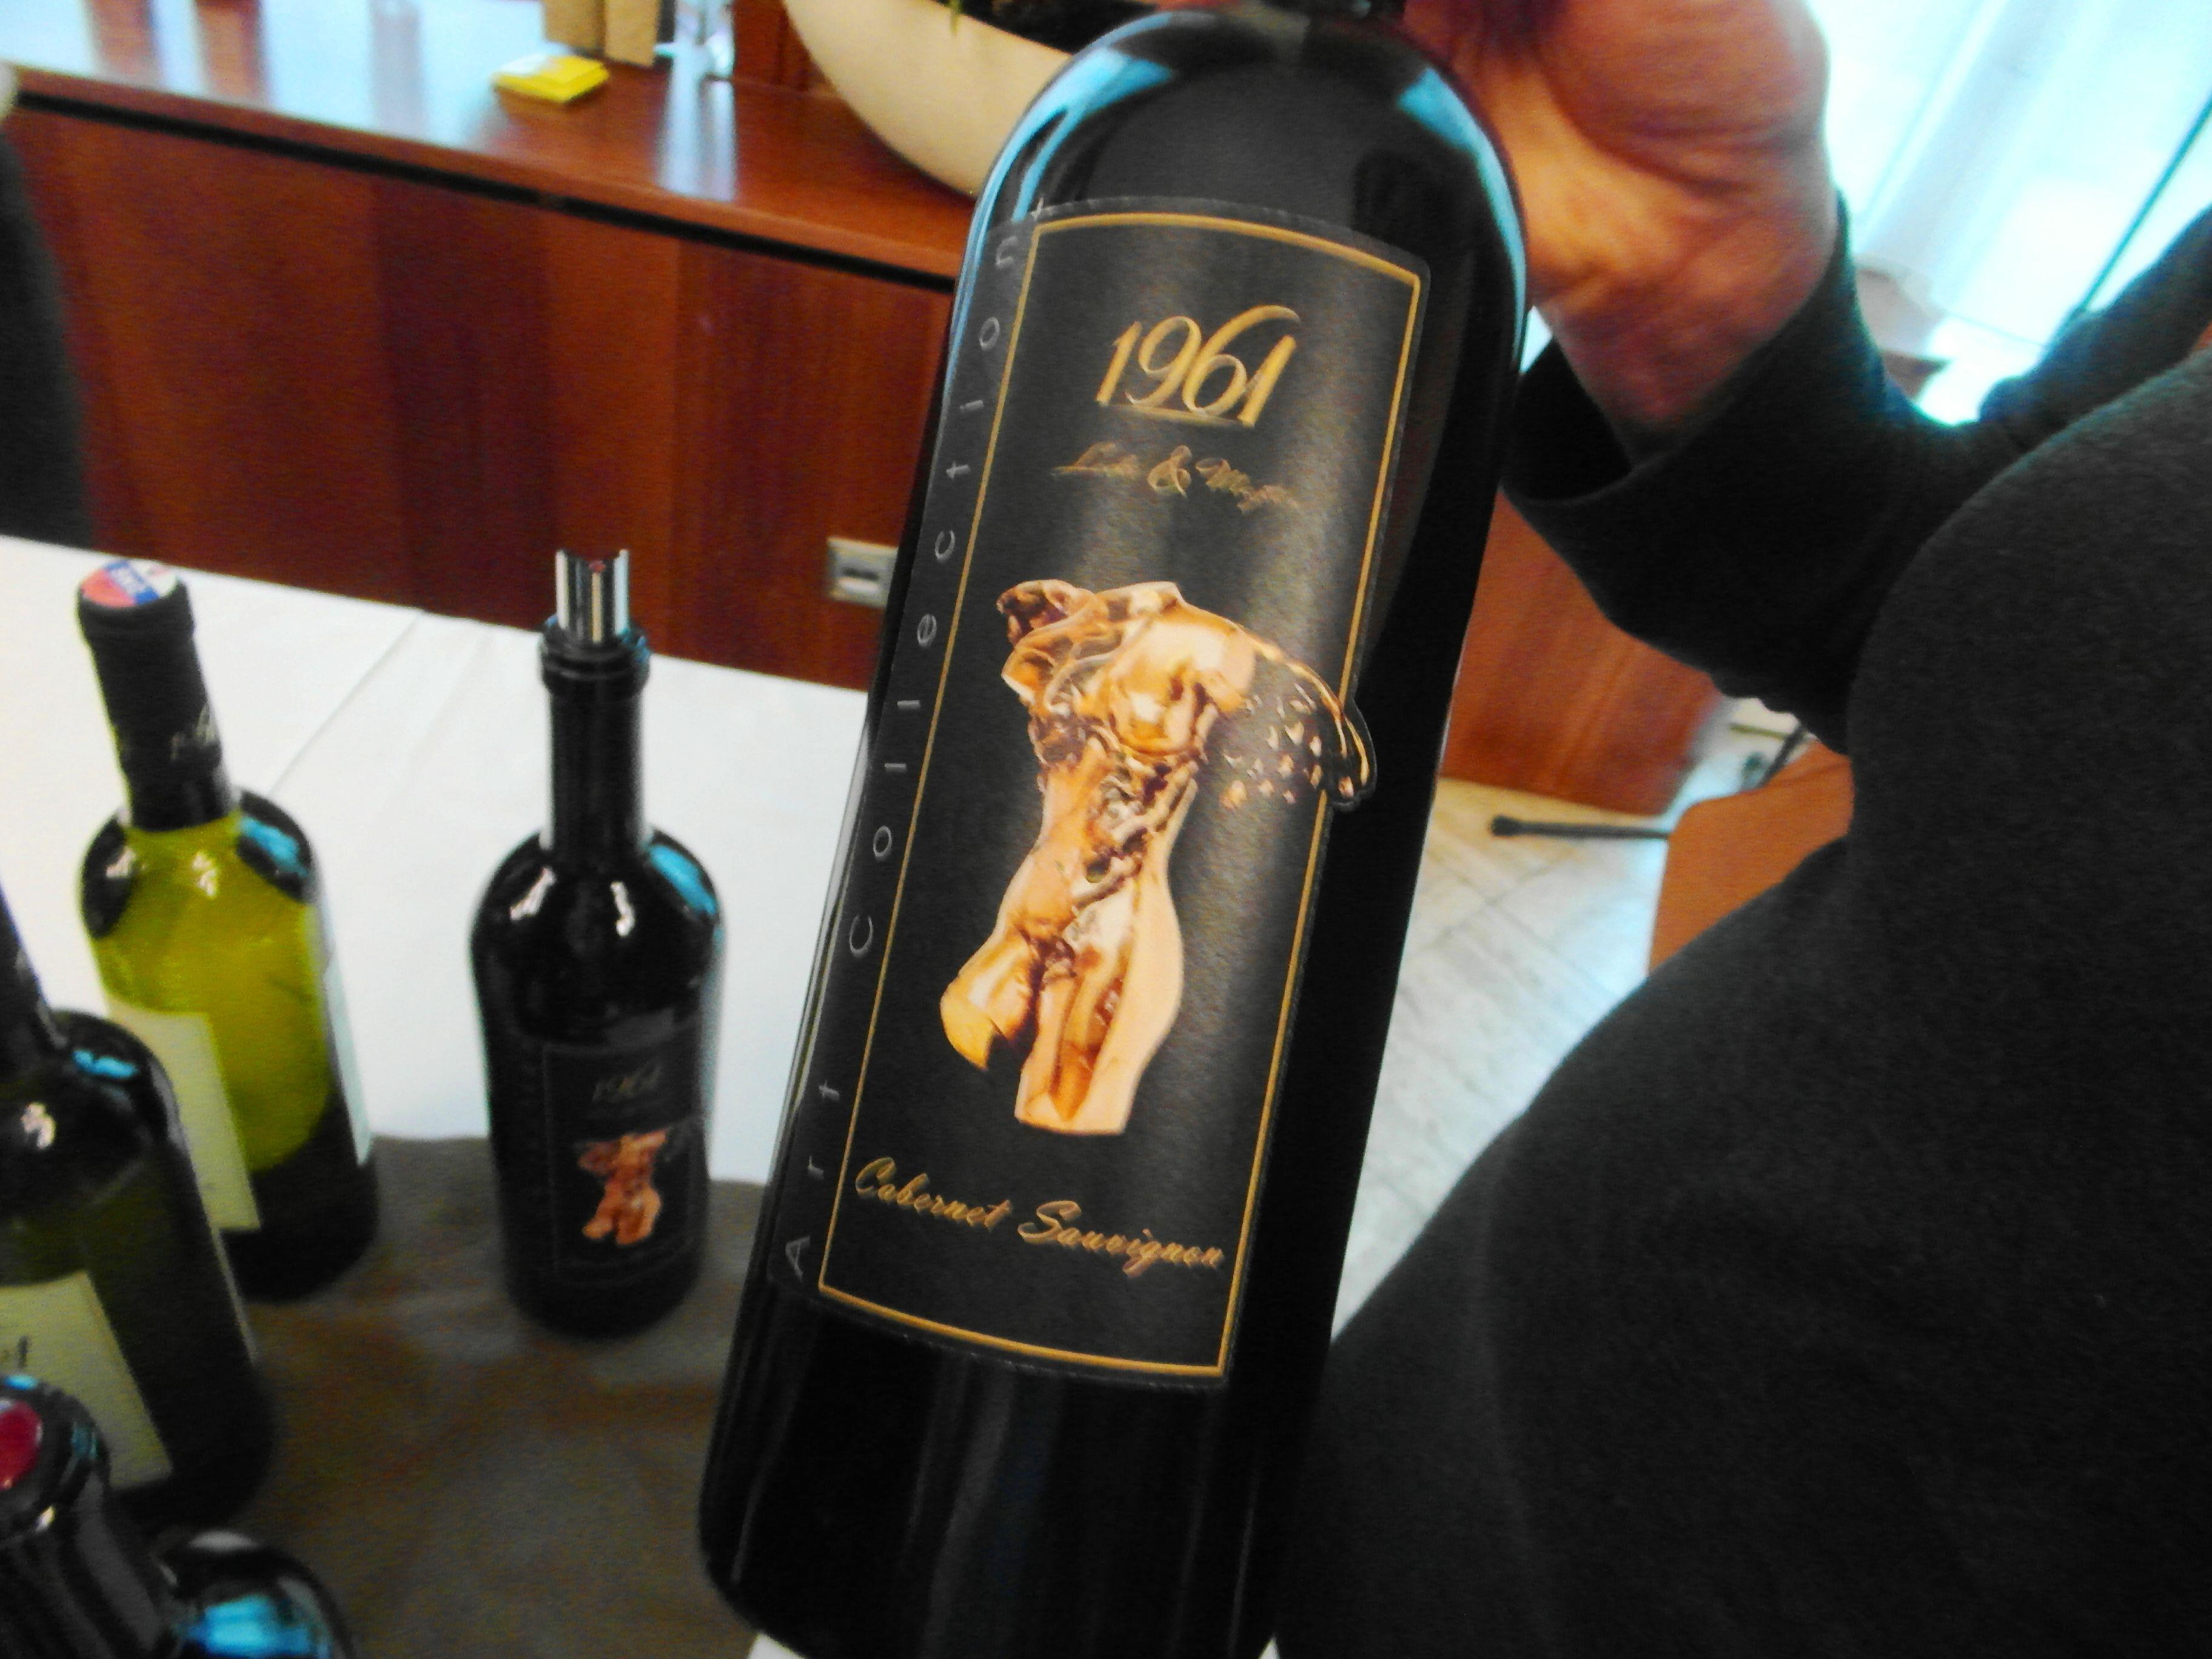 Festival svetových vín 2016 Hotel Devín Bratislava ... www.vinopredaj.sk  Výnimočné vína, ktoré nájdete aj v našej ponuke. Skvelí ľudia a dobrá nálada, tešíme sa na nový ročník.  #festival #vino #wine #wein #festivalsvetovychvin #catier #eikendal #yarden #barkan #casasilva #hotel #hoteldevin #bratislava #vinarstvo1961 #cabernetsauvignon #merlot #festivalvin #mameradivino #milujemevino #ochutnaj #vynimocne #gamla #louislatour